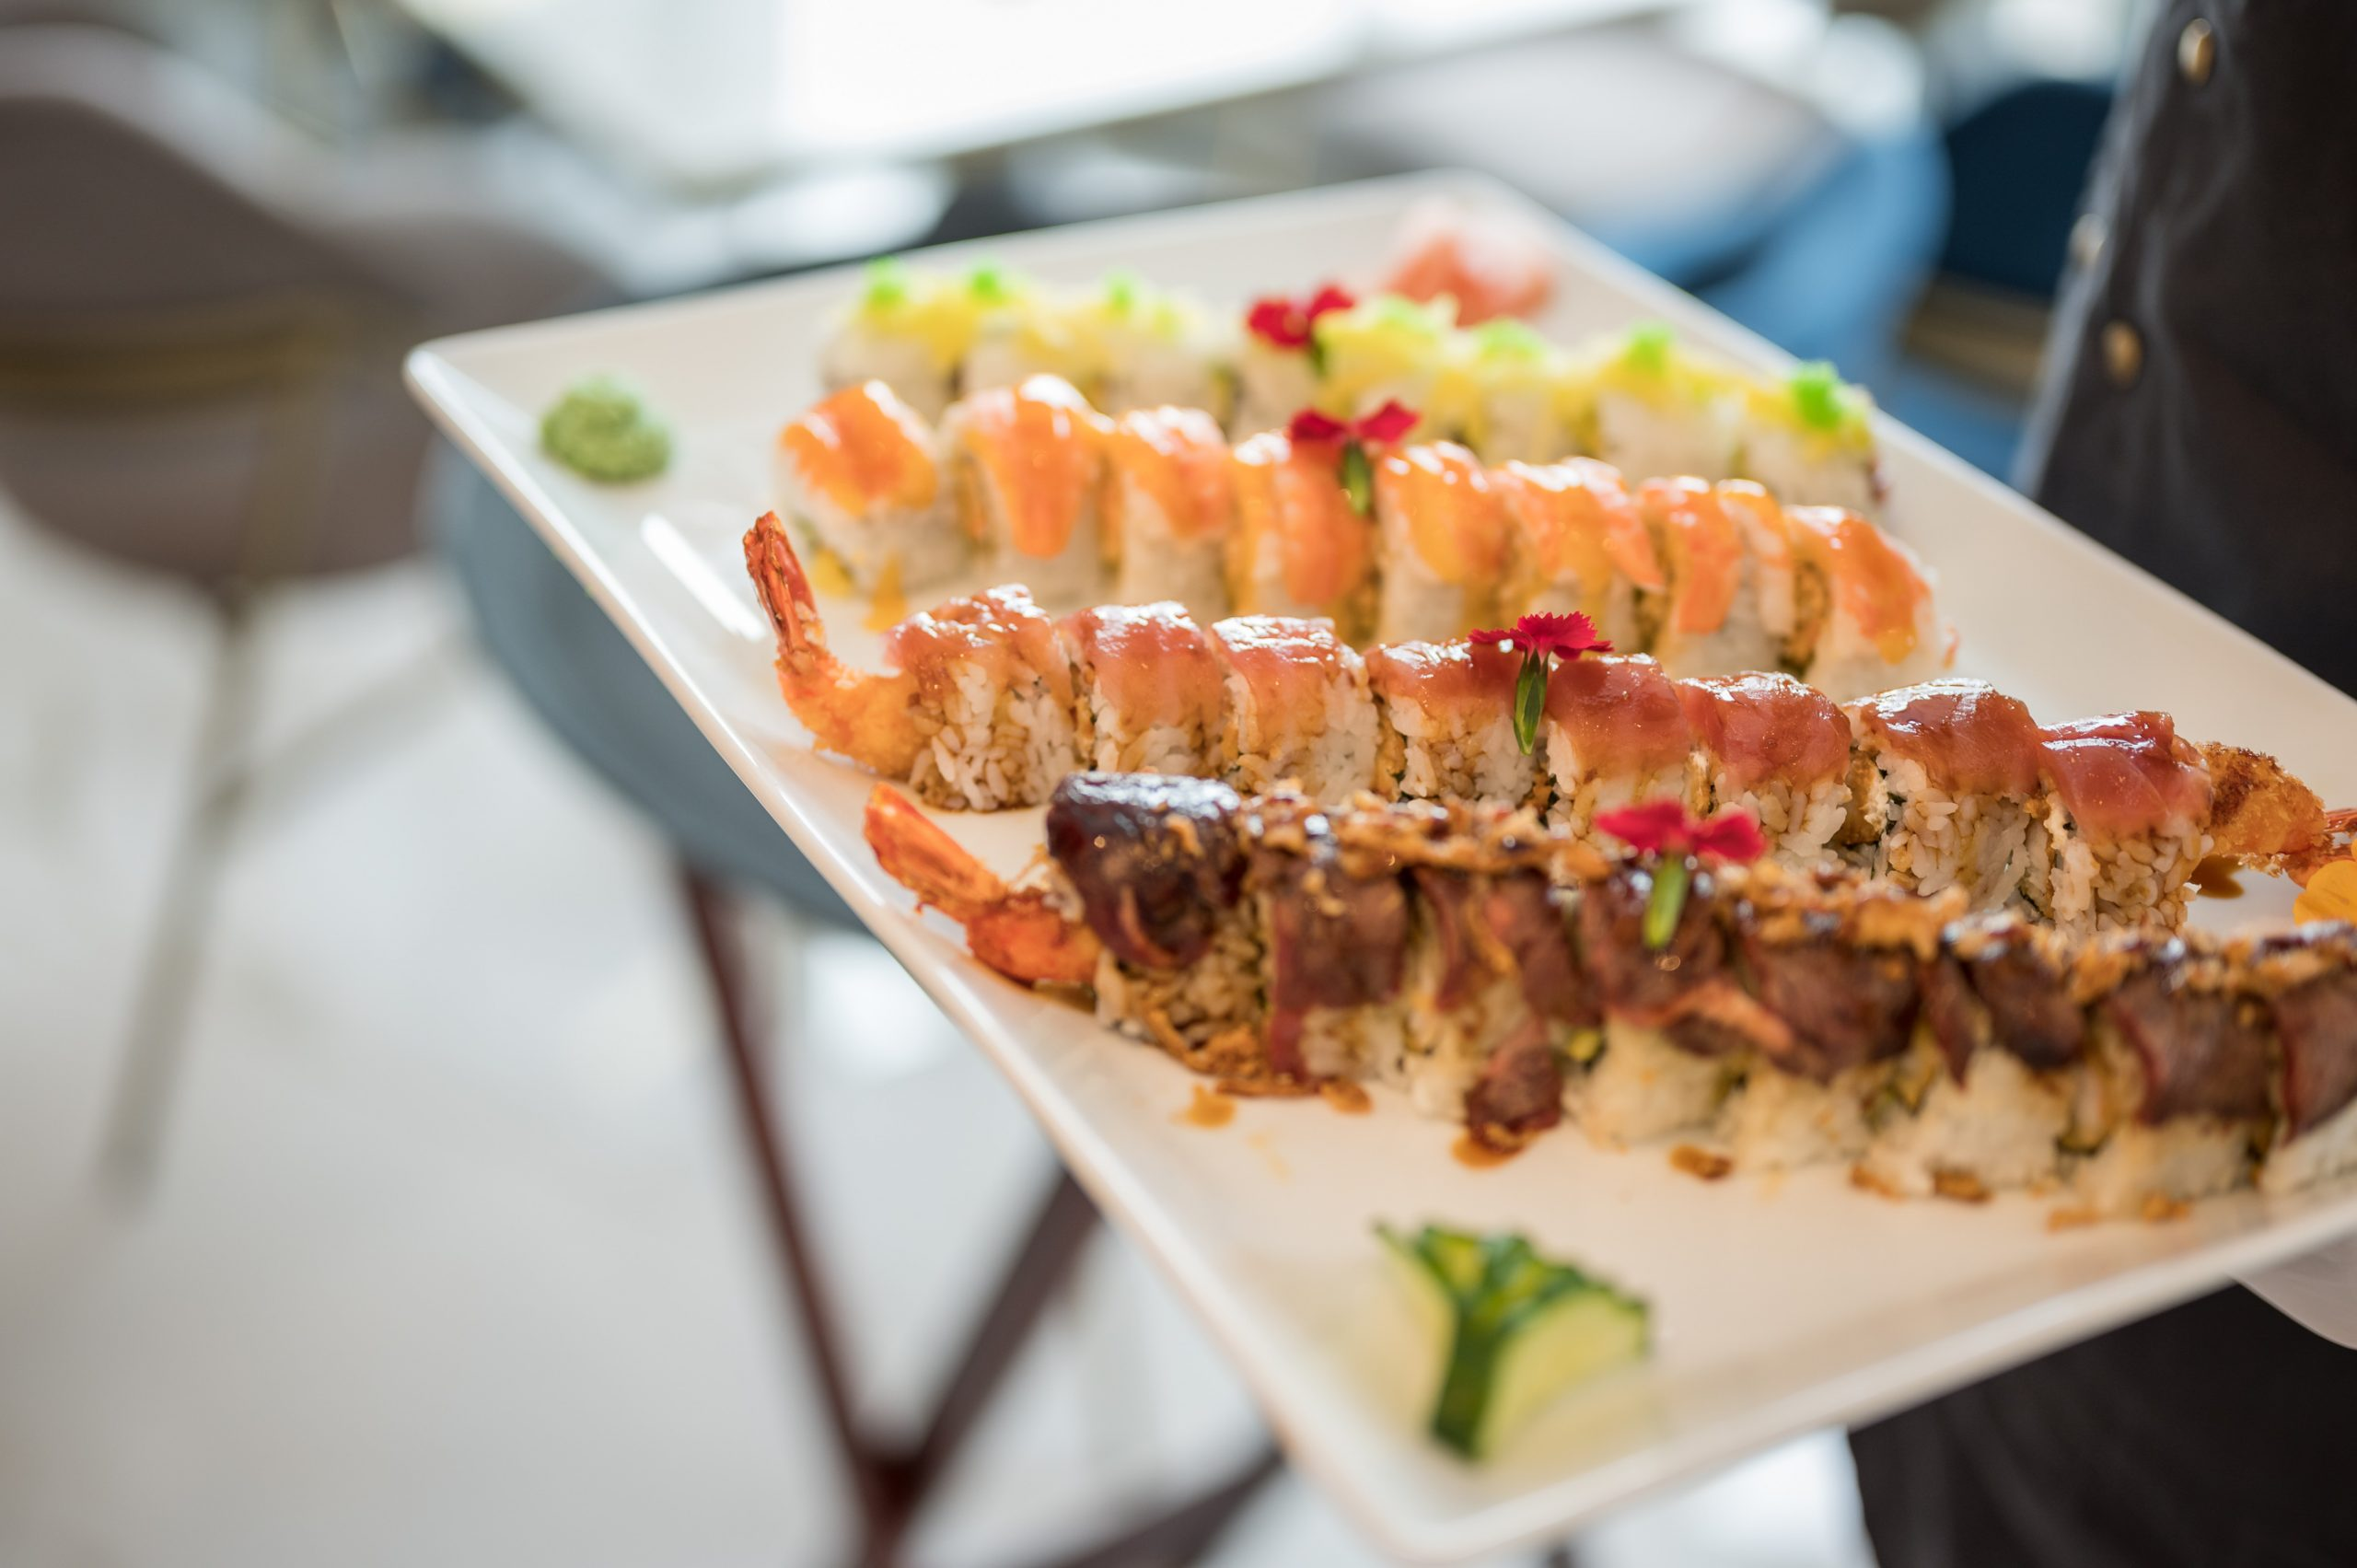 σούσι στα Χανιά- πιάτιο με ποικιλία σούσι- πολυτελές εστιατόριο almyvita